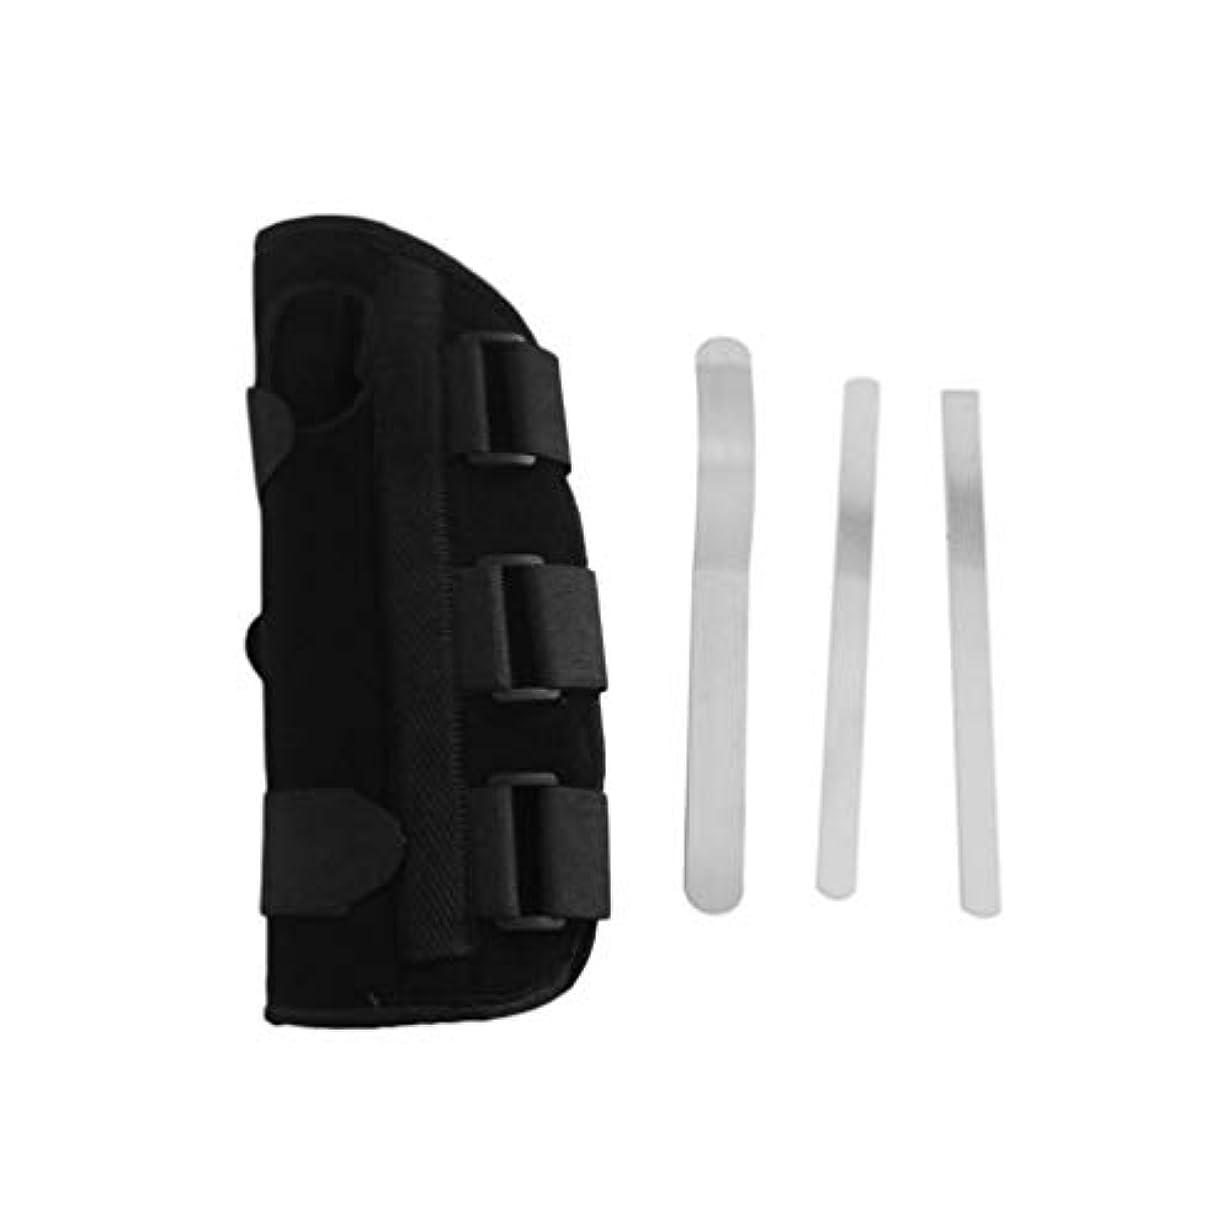 リール帽子手首副木ブレース保護サポートストラップカルペルトンネルCTS RSI痛み軽減リムーバブル副木快適な軽量ストラップ - ブラックM